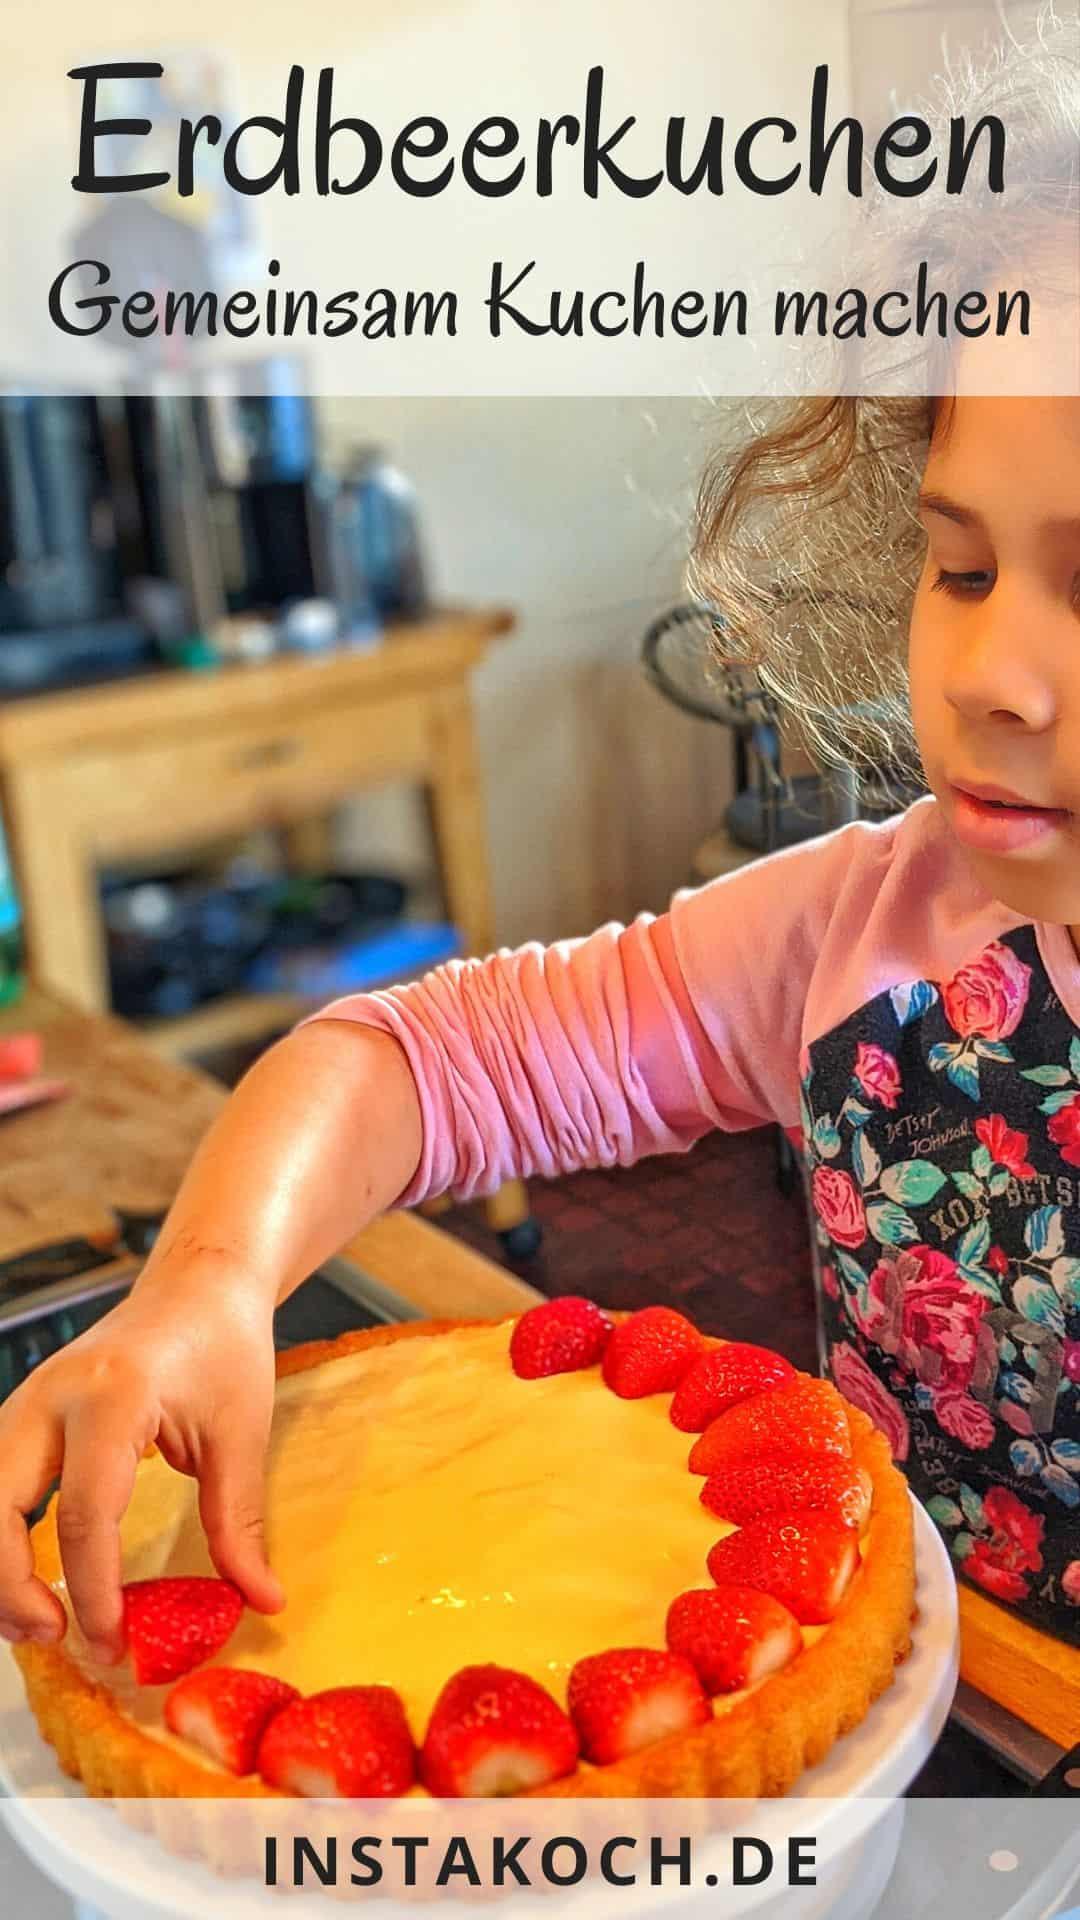 Ein Kind belegt den Tortenboden mit Erdbeeren.